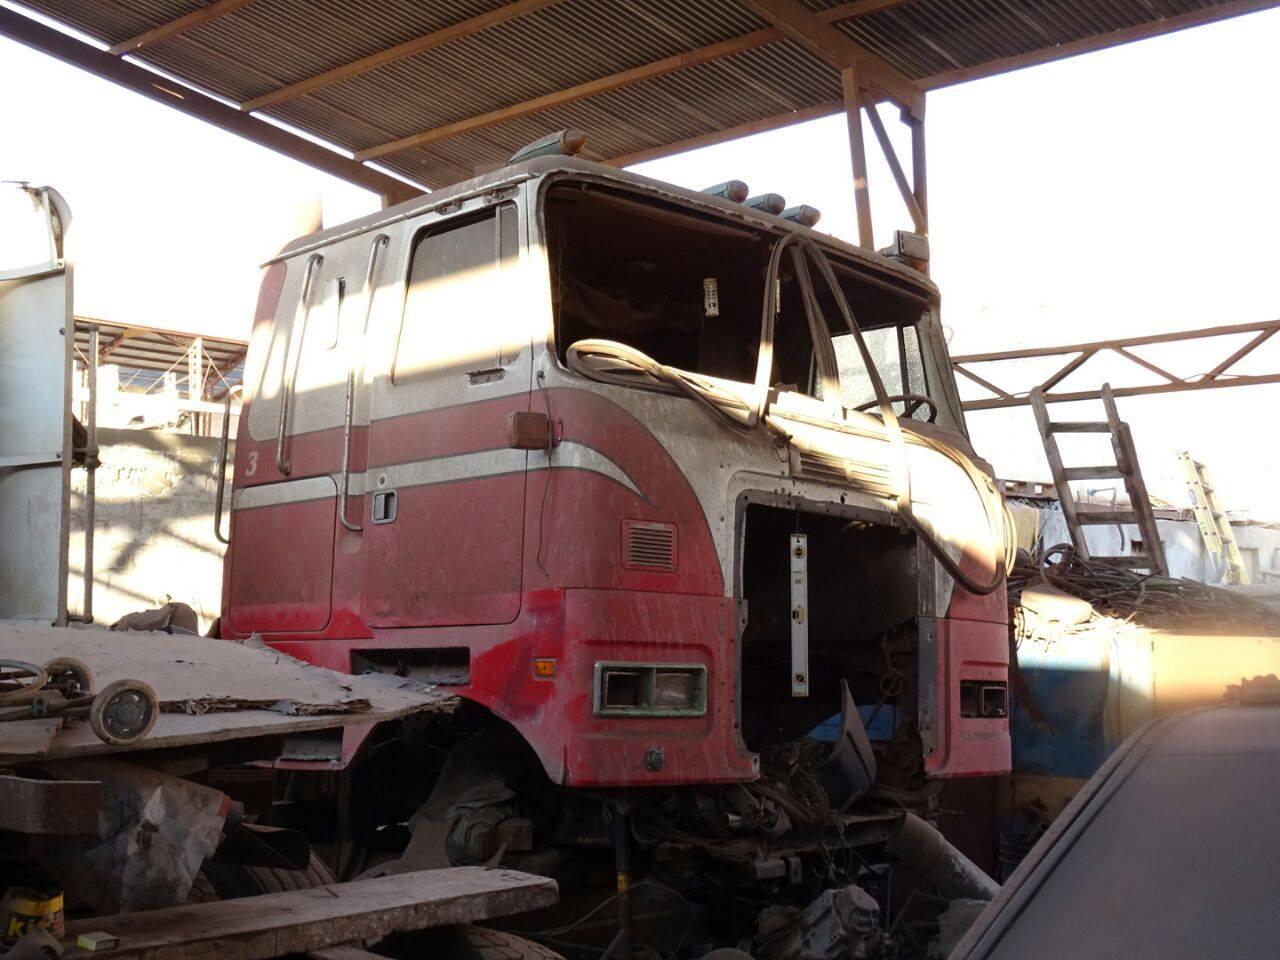 Camiones-vieja-escuela-olvidados-16